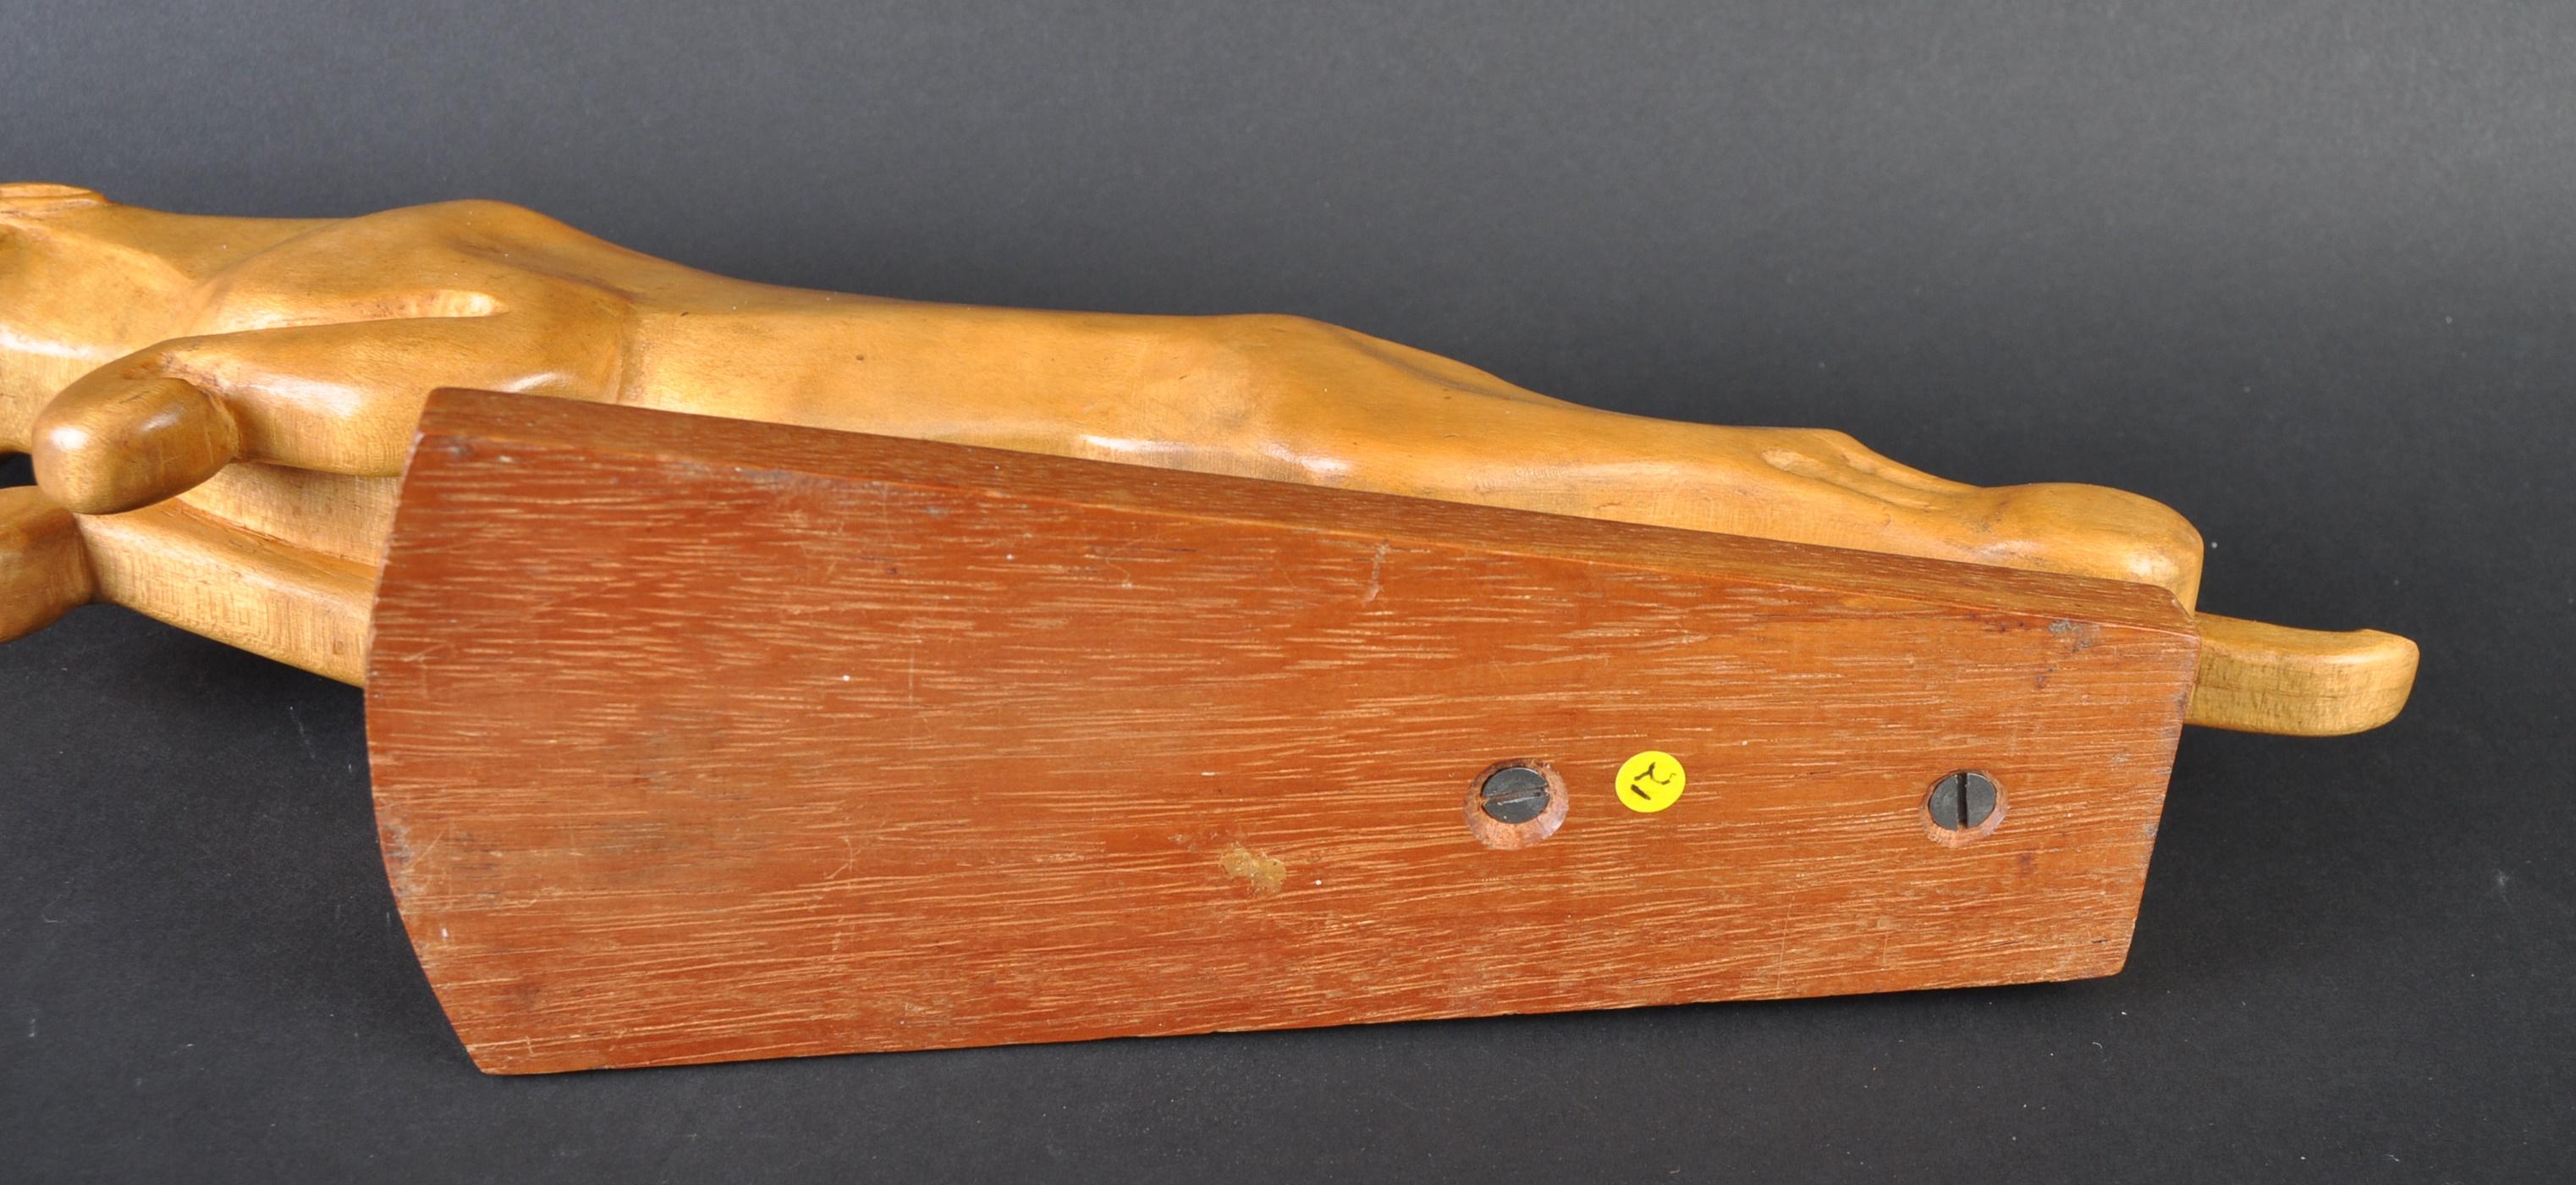 JAGUAR - LARGE CARVED JAGUAR WOODEN LEAPER MASCOT - Image 4 of 4